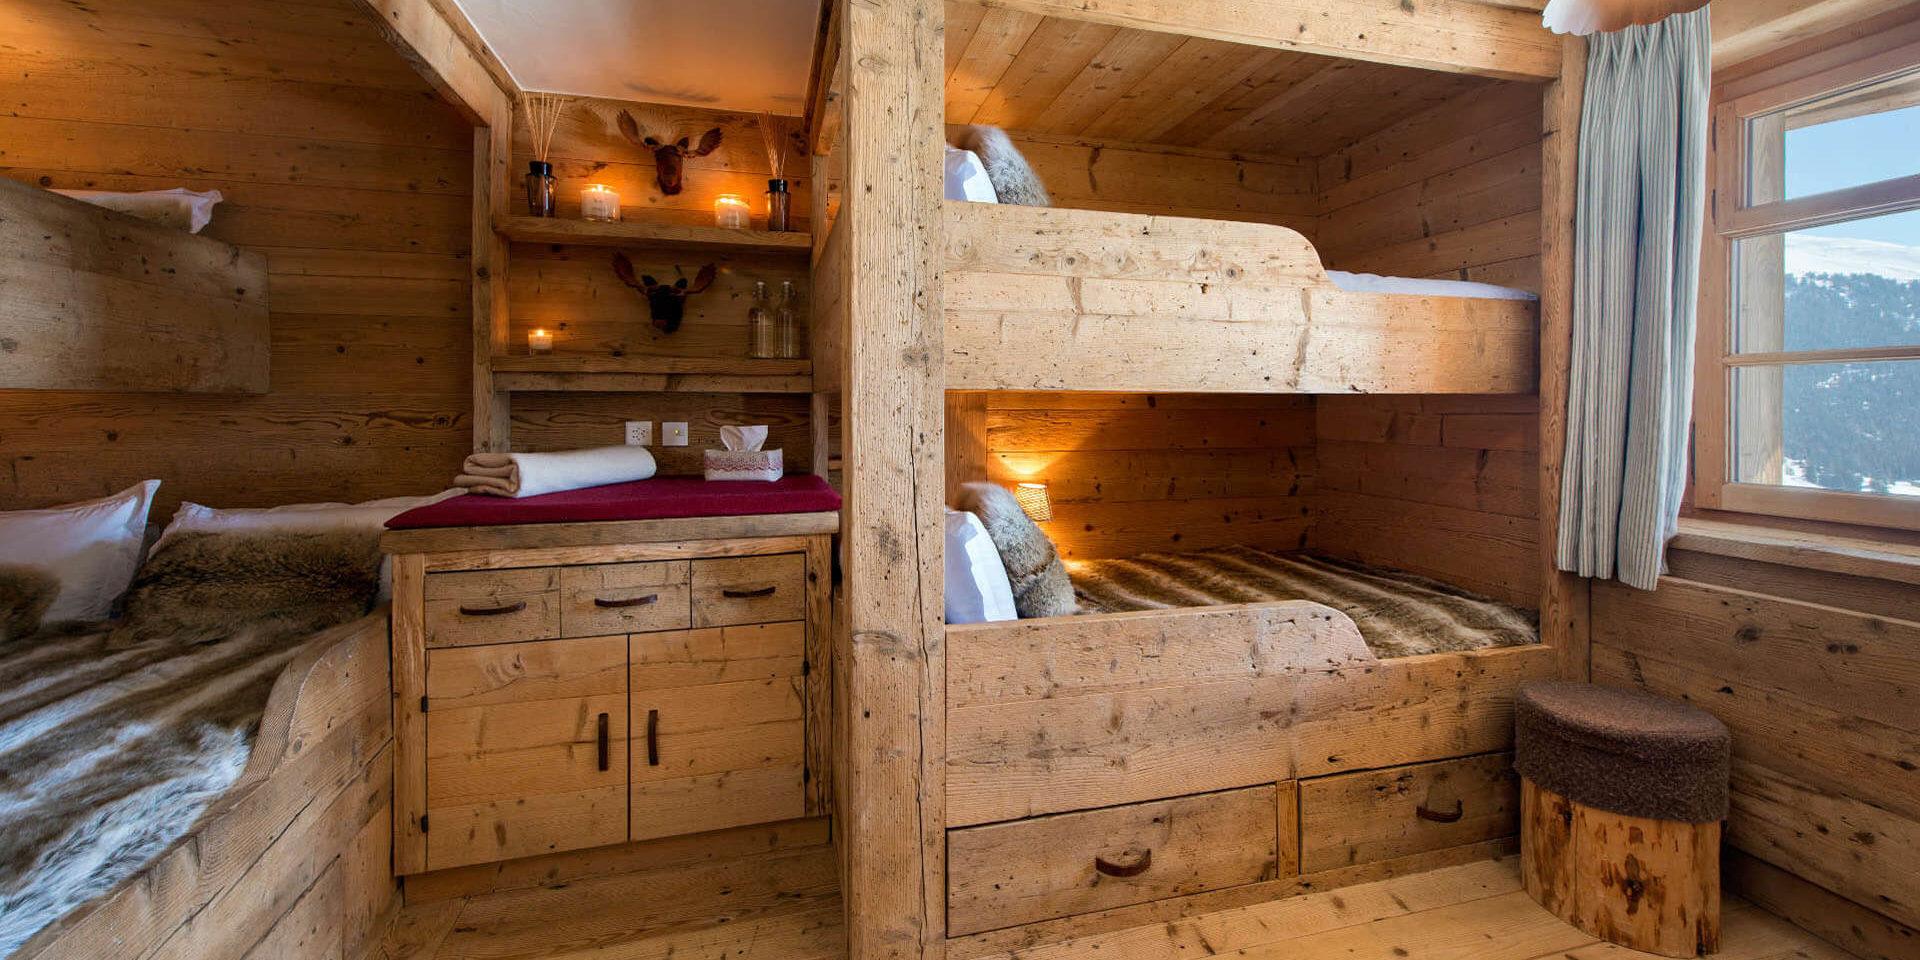 Chalet Nyumba Verbier Les 4 Vallees Zwitserland wintersport skivakantie luxe slaapkamer stapelbedden aparte bedden kastje hocker raam